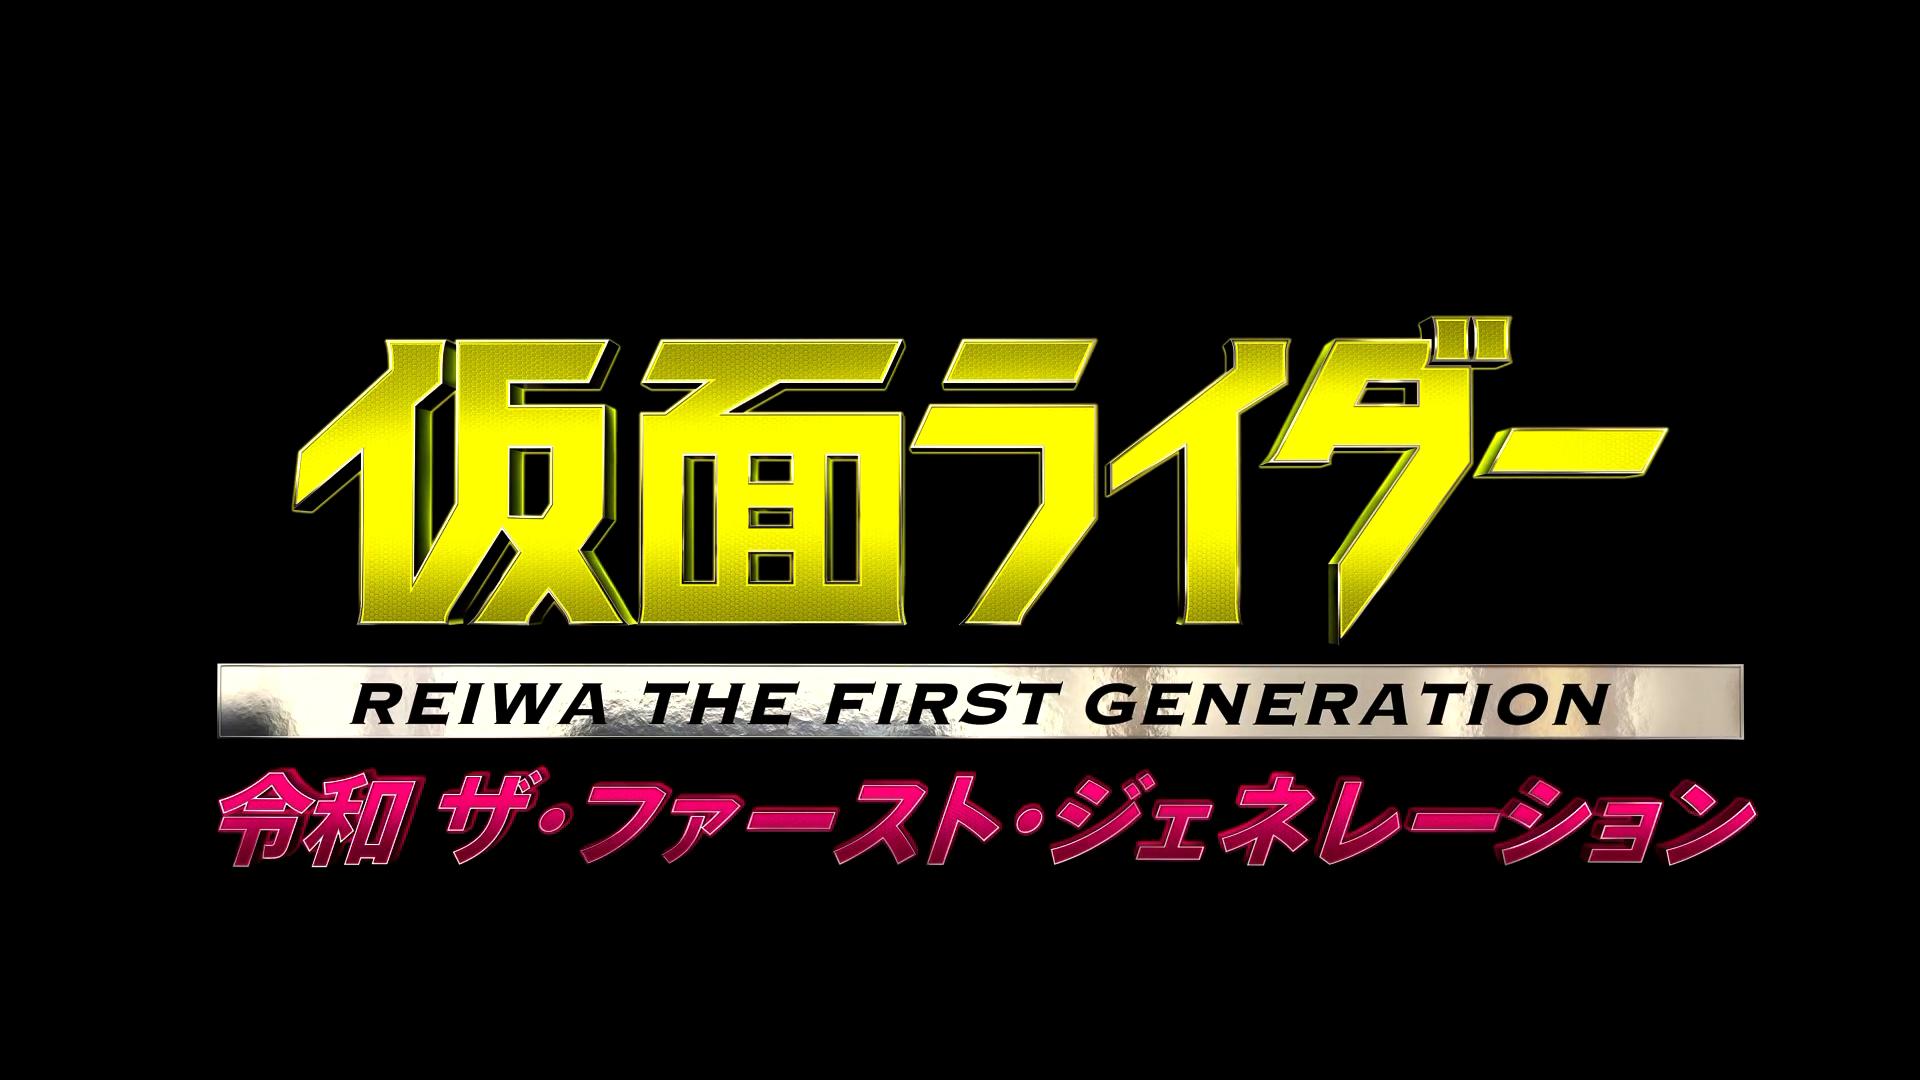 Kamen Rider Reiwa The First Generation Kamen Rider Wiki Fandom